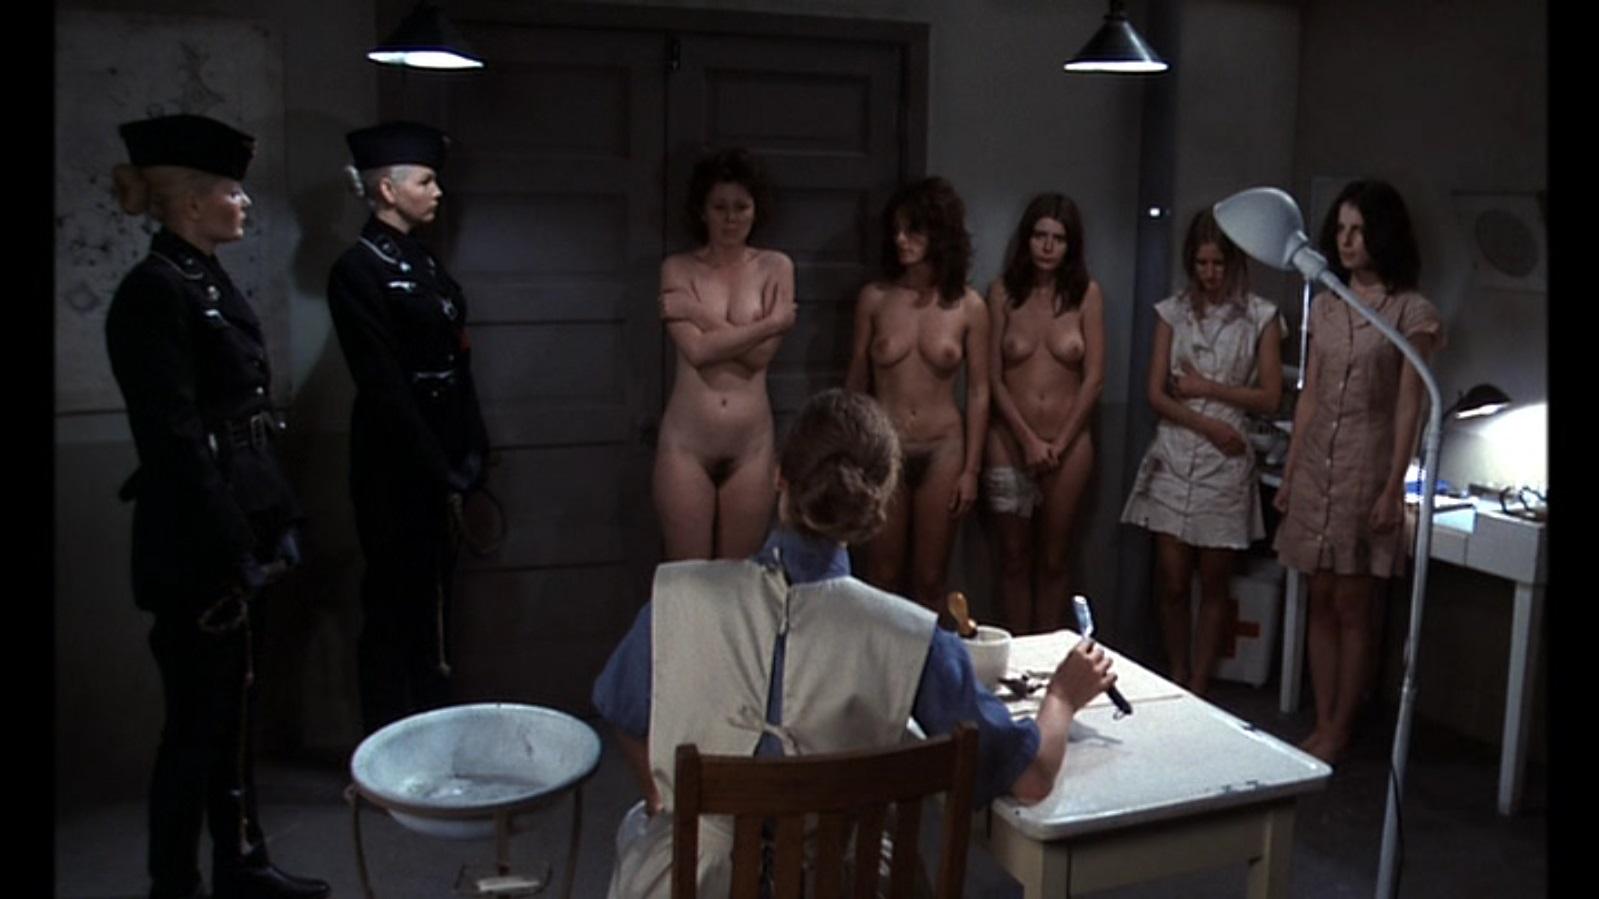 видео художественные фильмы о женском бытовое рабство - 5